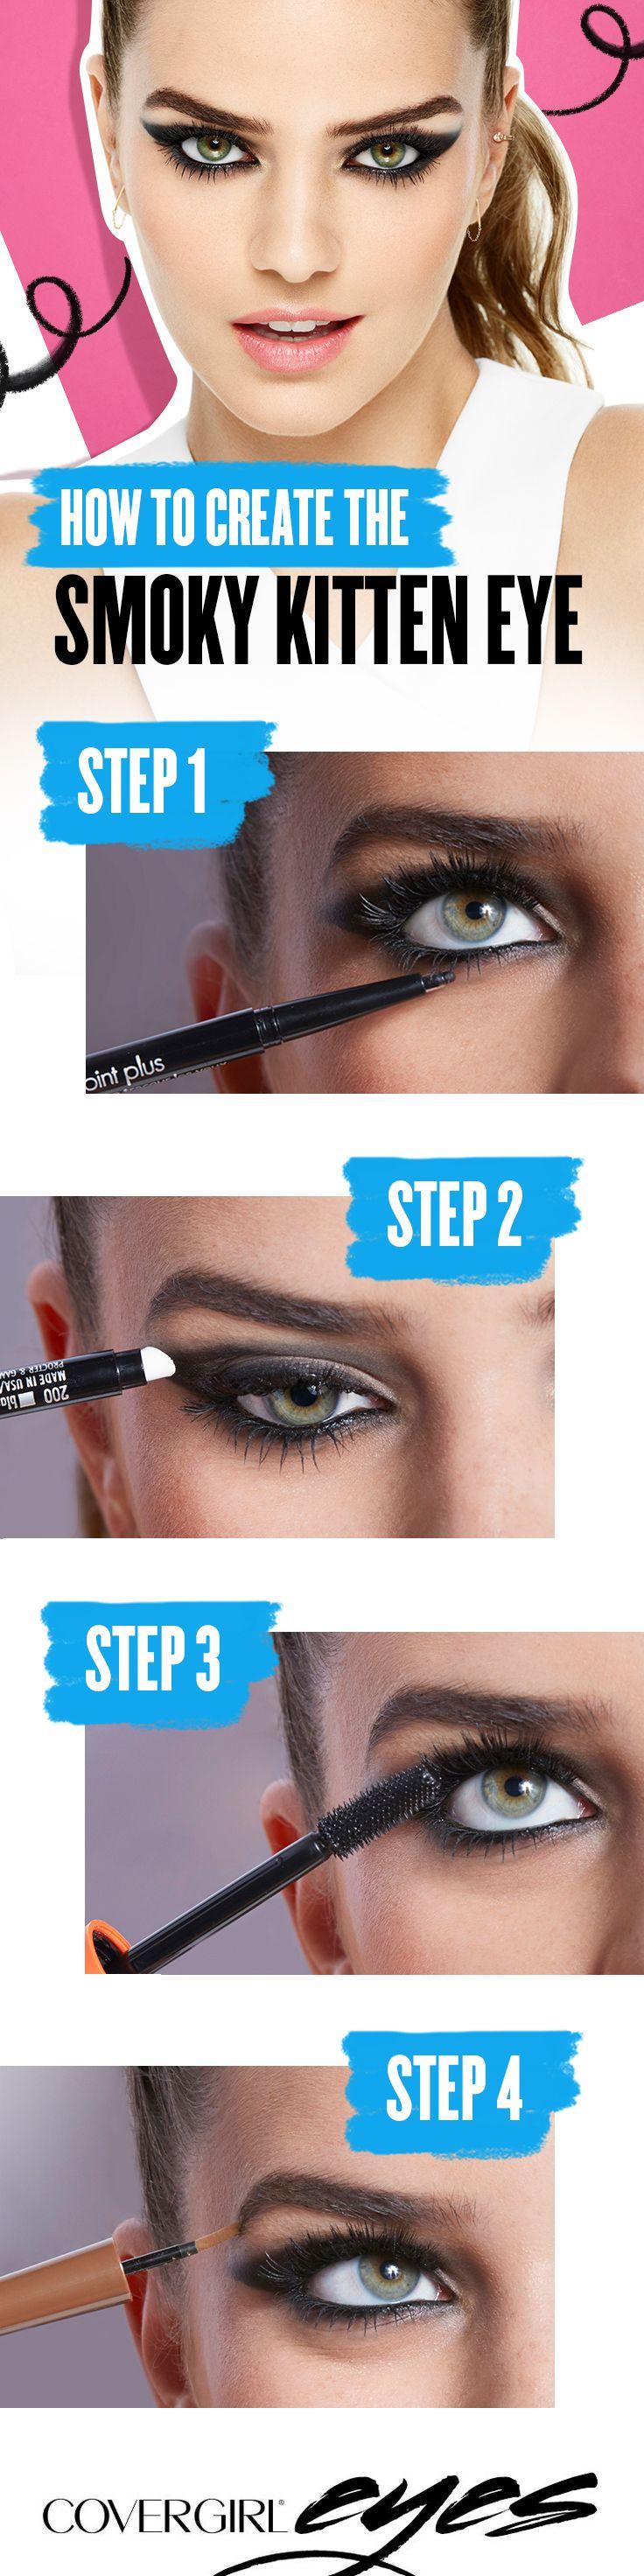 best images about glamaramadingdong on pinterest eyeliner